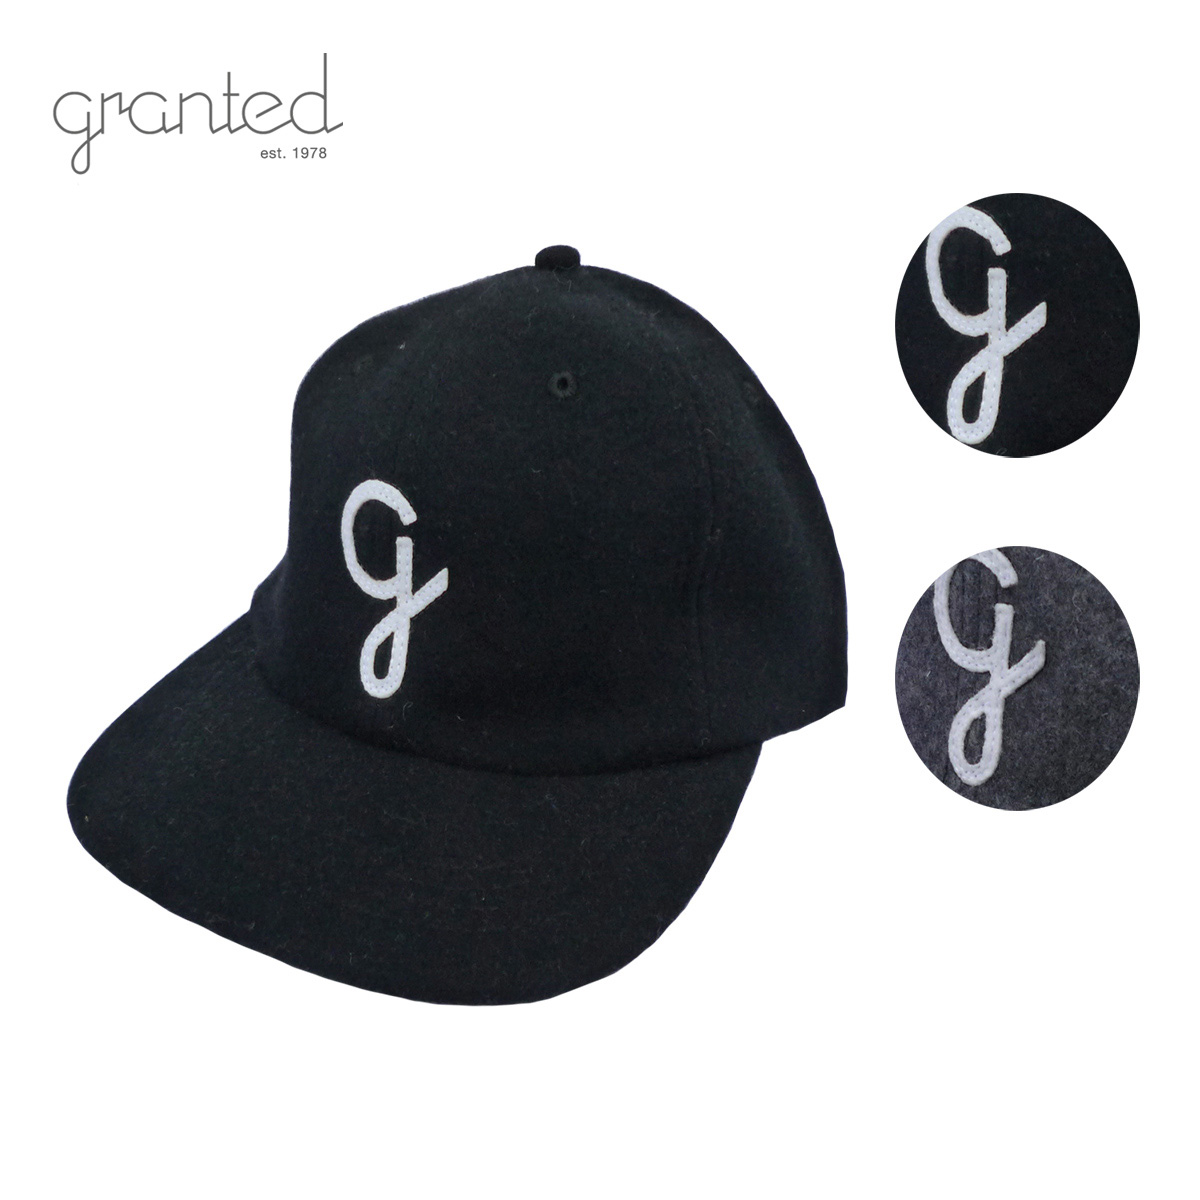 GRANTED グランテッド WOOL CAP メンズ/レディース ブラック/グレー FREE[ウールキャップ キャップ 帽子 ウール カナダ製 ヴィンテージ ブランド アメカジ アウトドア 黒 灰色]